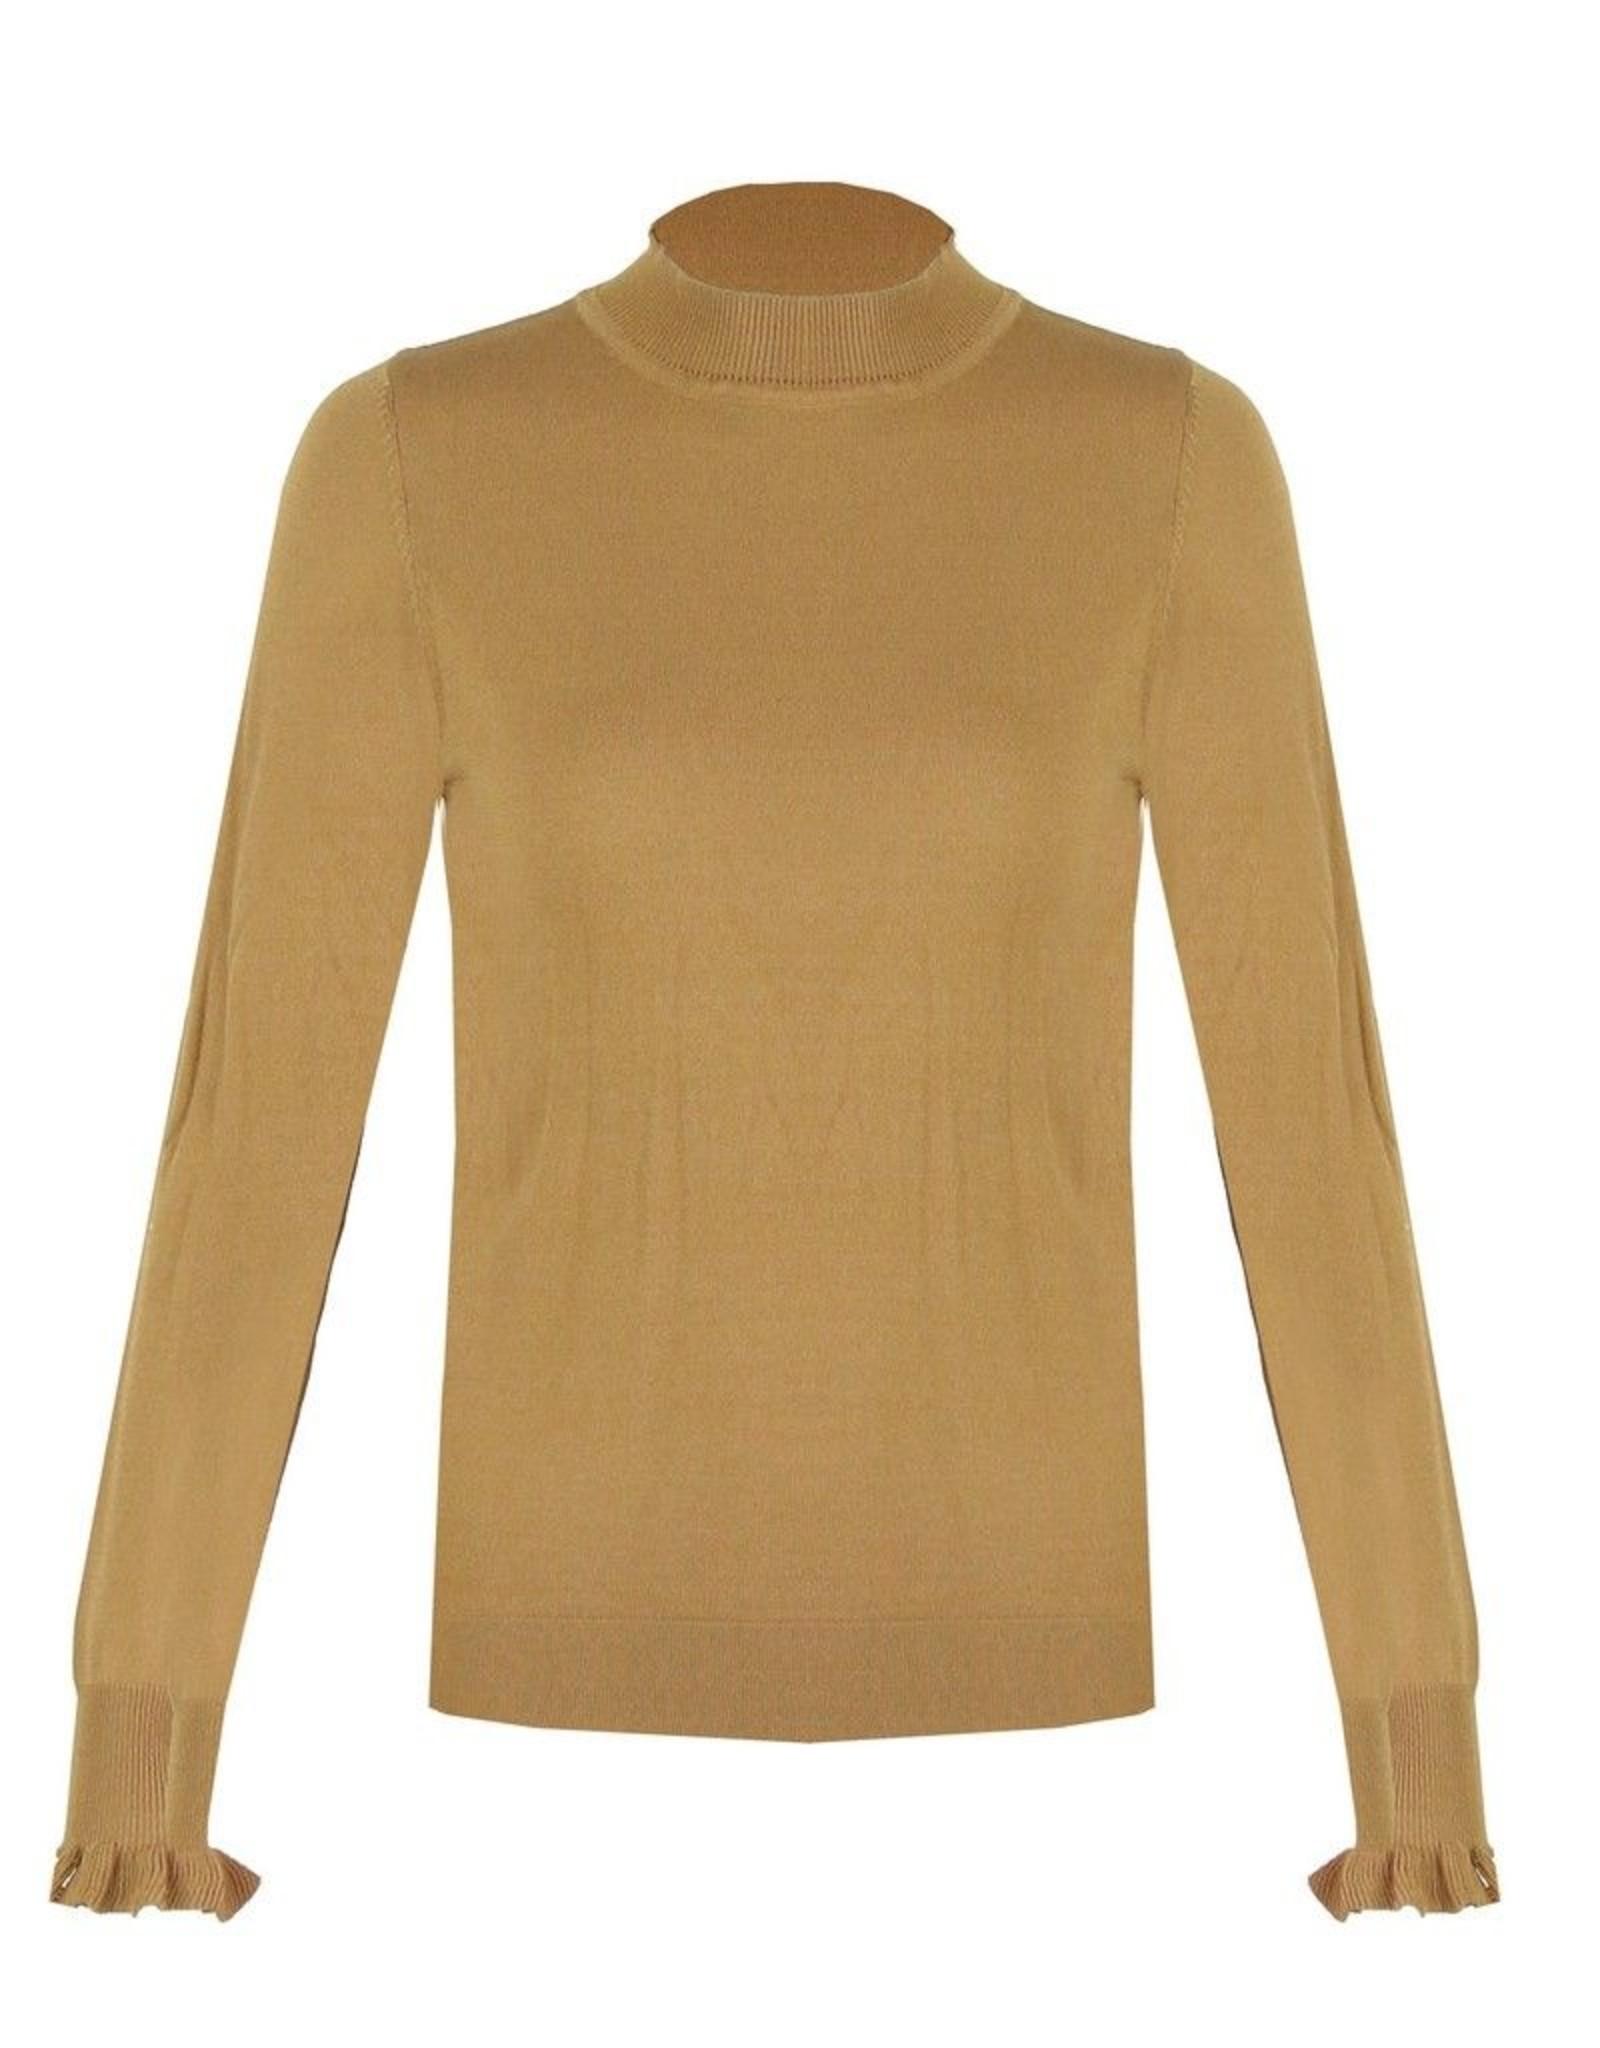 C&S  Sweater Ocher yellow